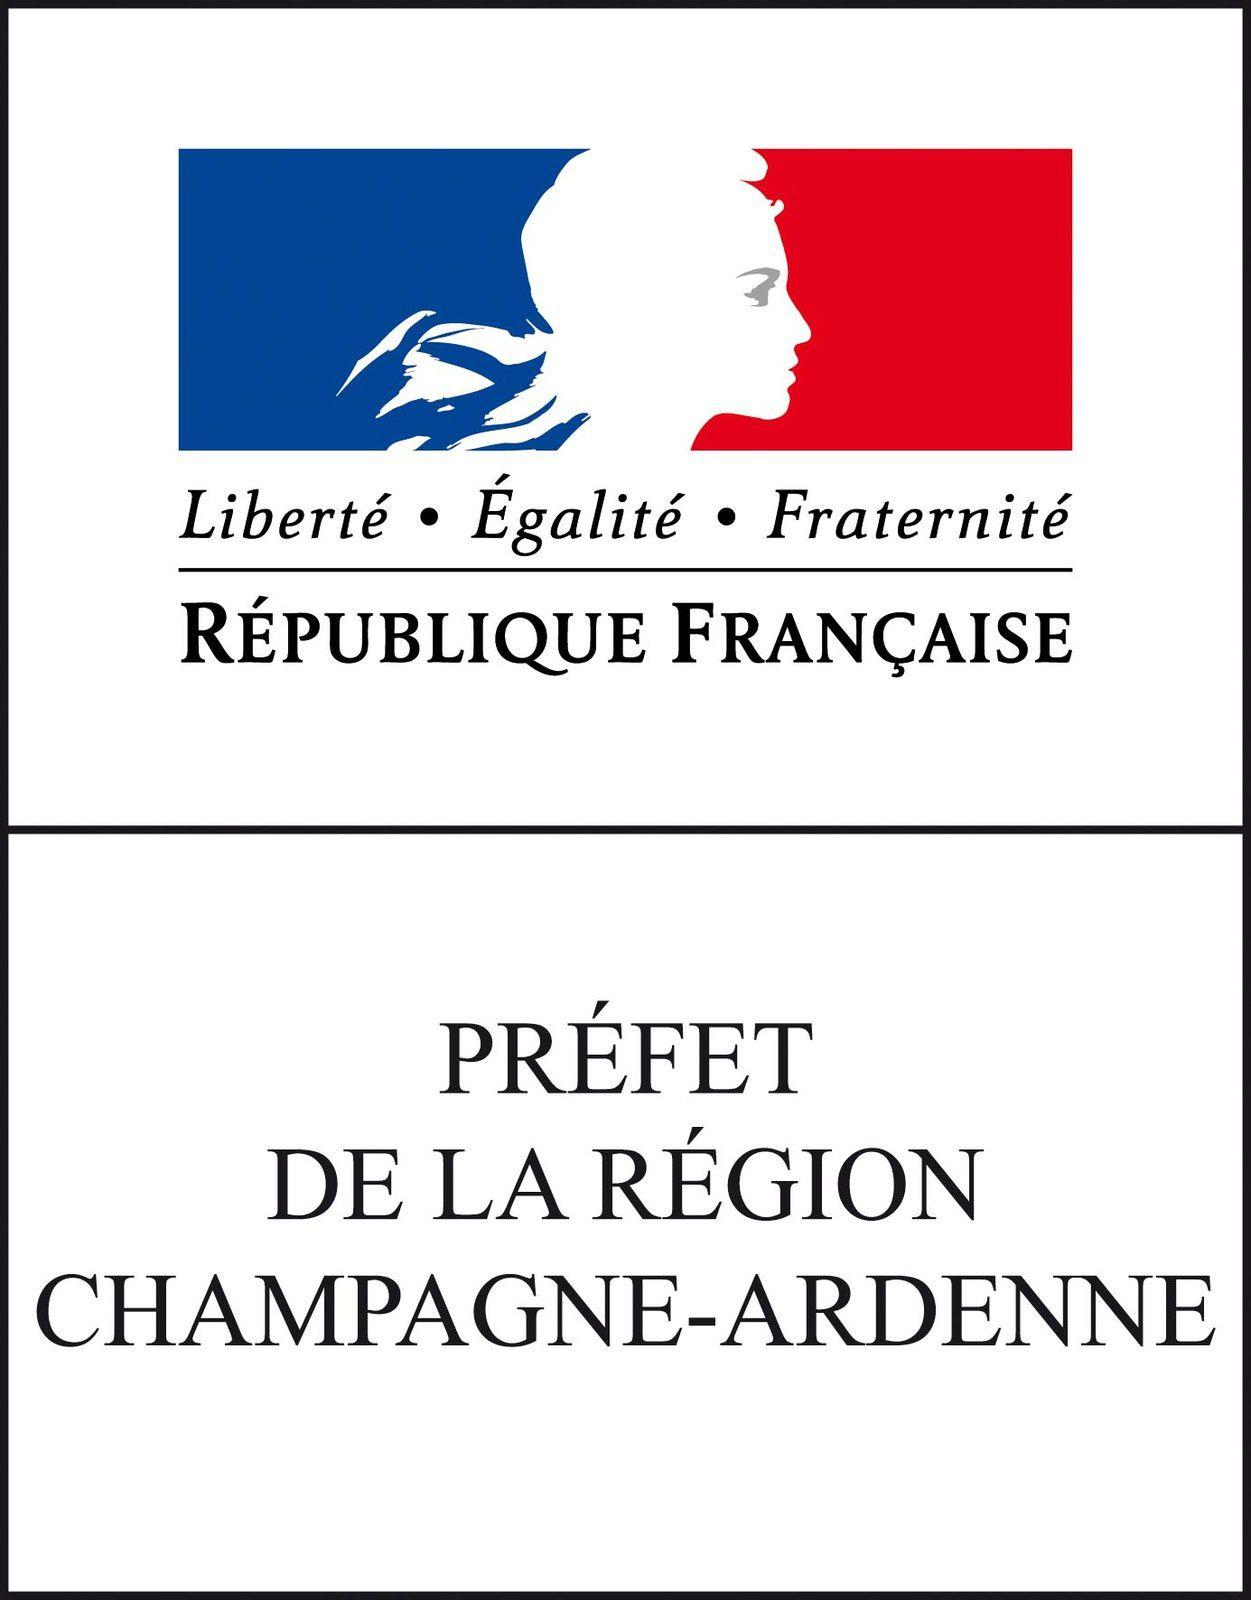 Les partenaires du programme d'actions en faveur des amphibiens de Champagne-Ardenne